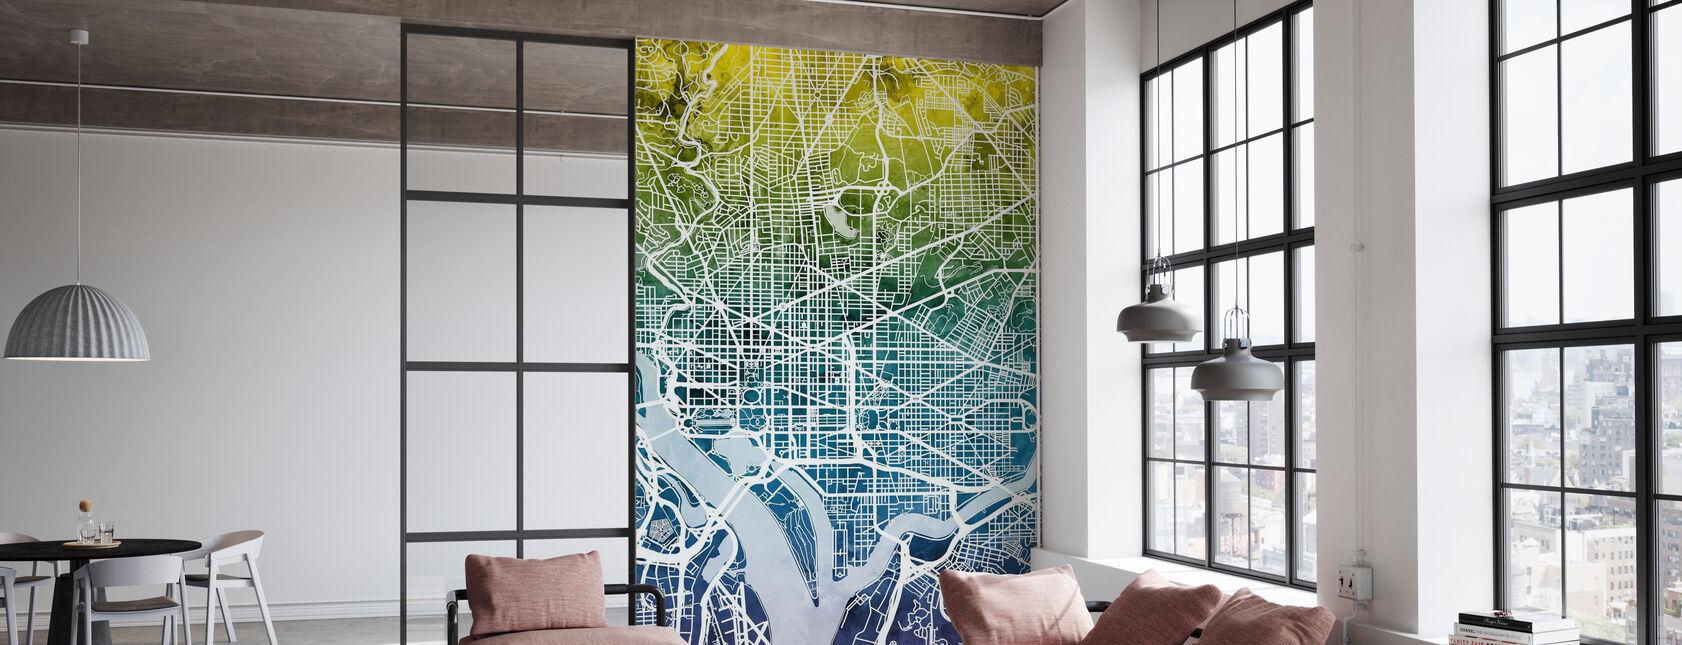 Washington DC Street Map Bluegreen - Tapet - Kontor